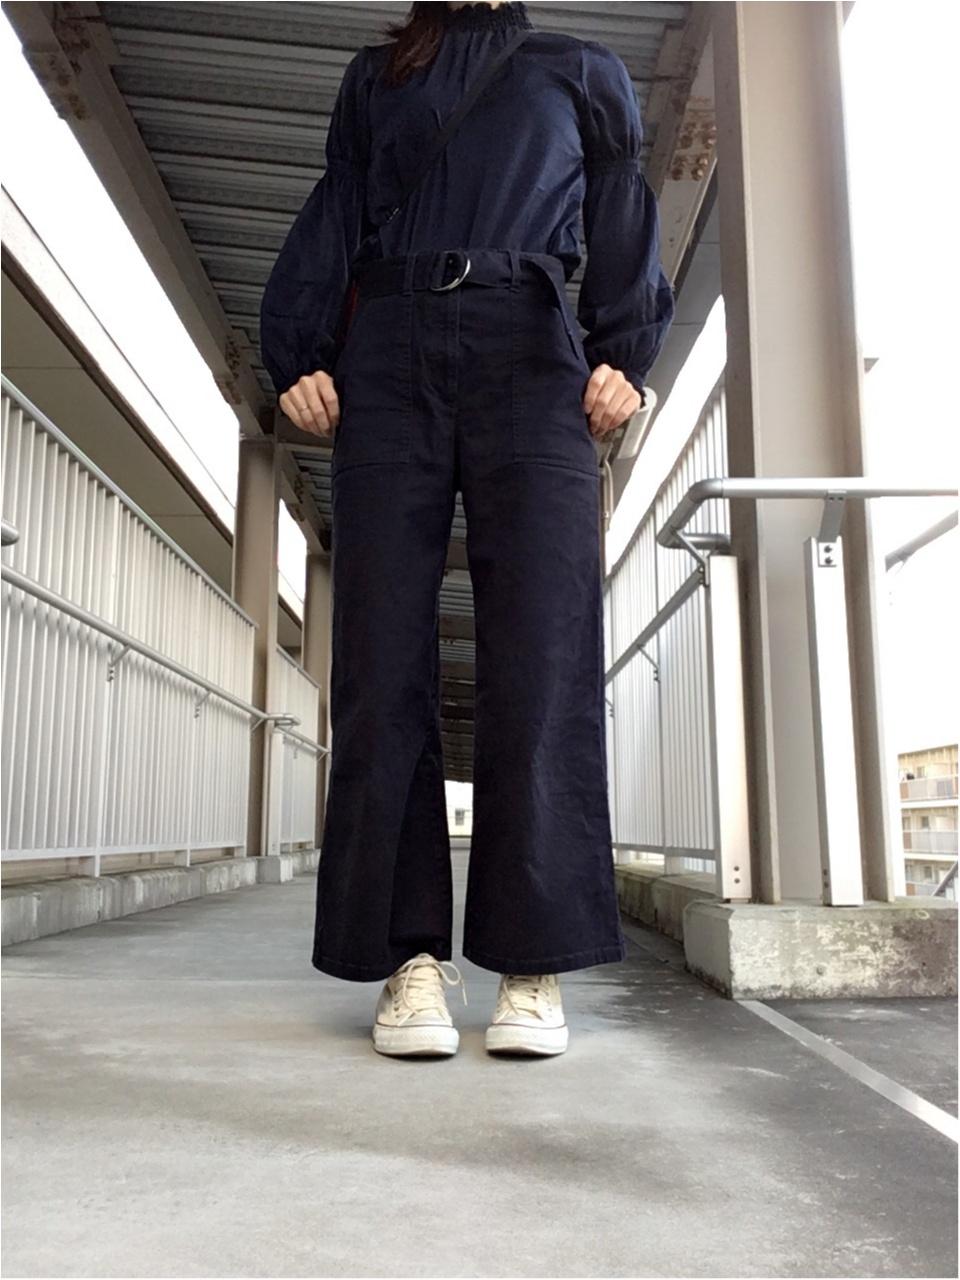 ちょこっとお出掛け【プチプラコーデ】産後履きたかったパンツをやっと♡_1